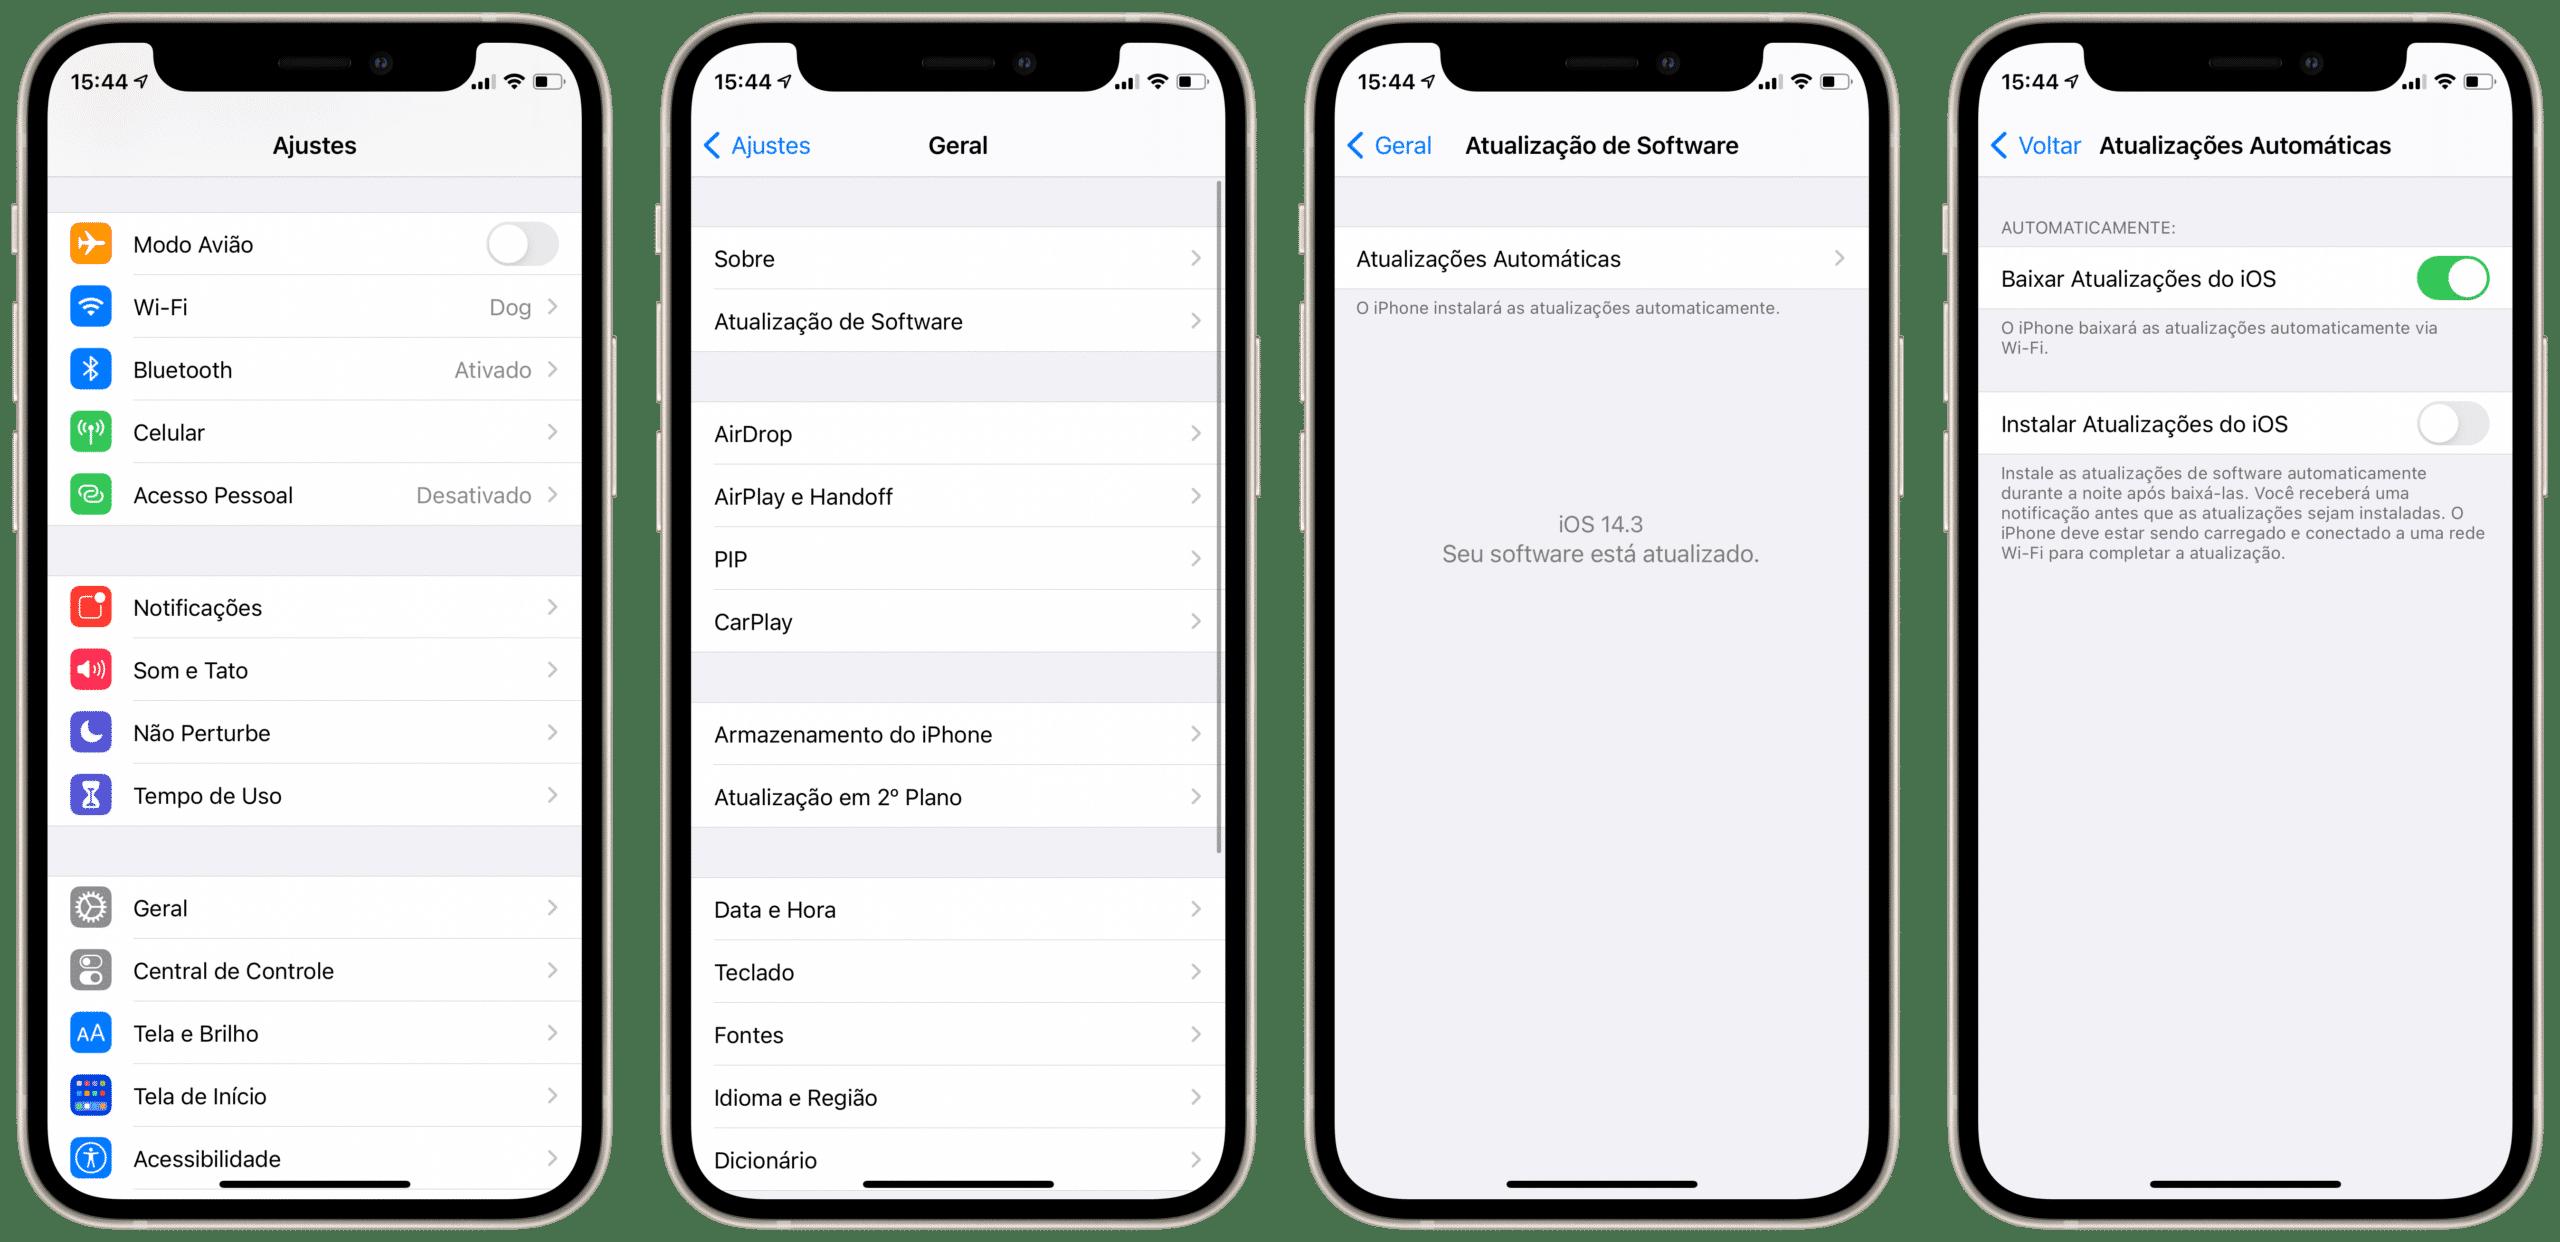 Atualização de software no iOS